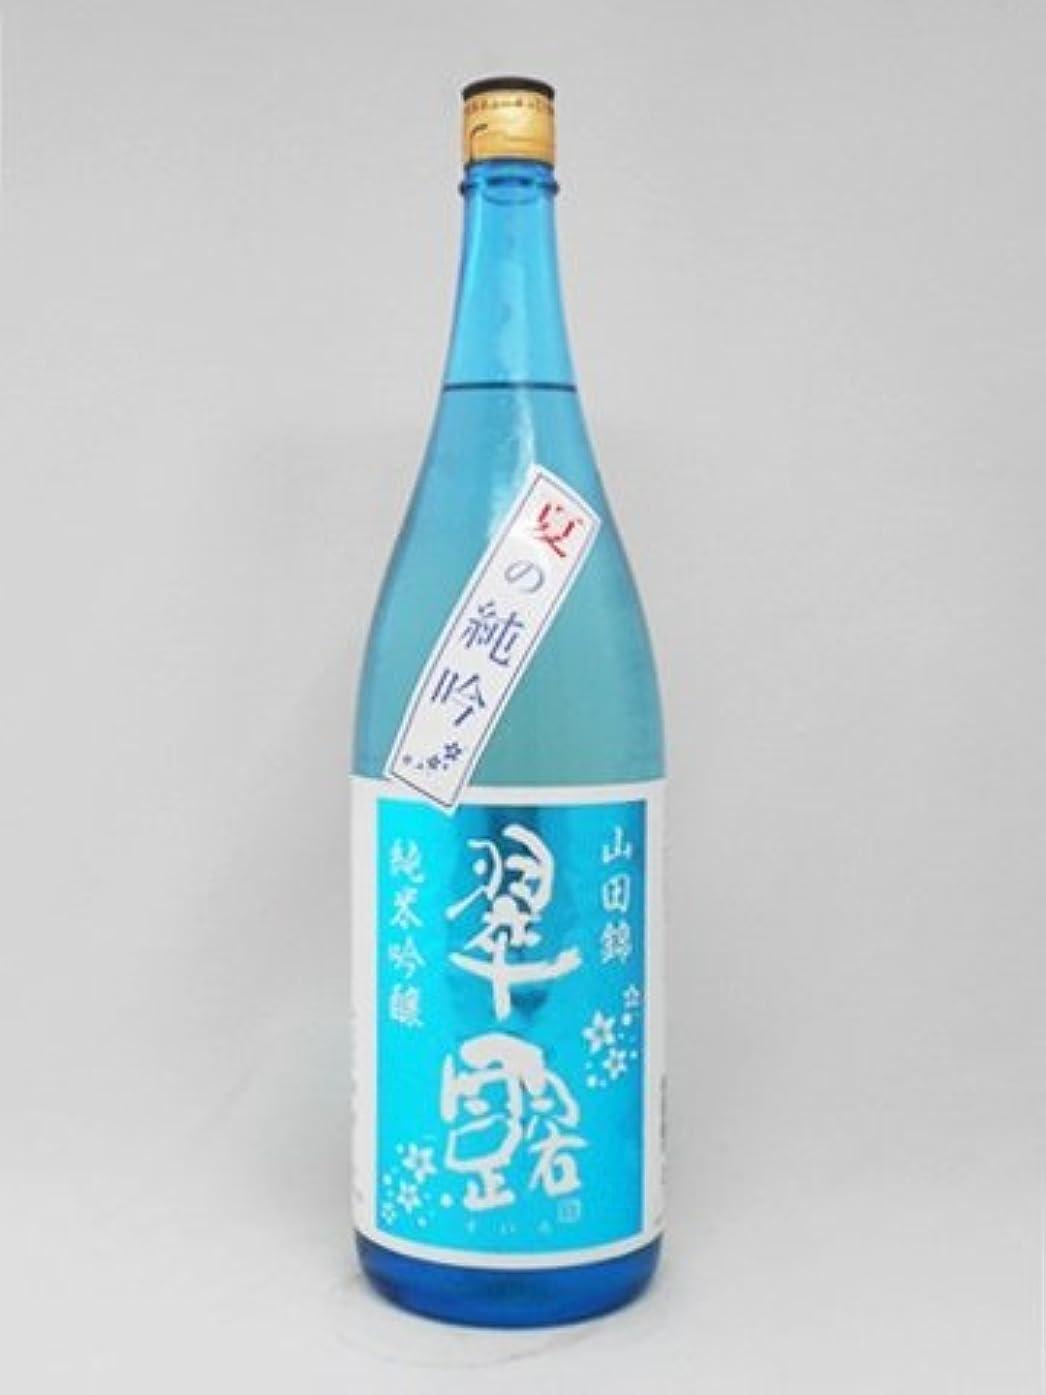 機知に富んだキャリッジタックル日本酒 翠露 純米吟醸 夏純吟 山田錦 2017 1.8L 舞姫 C